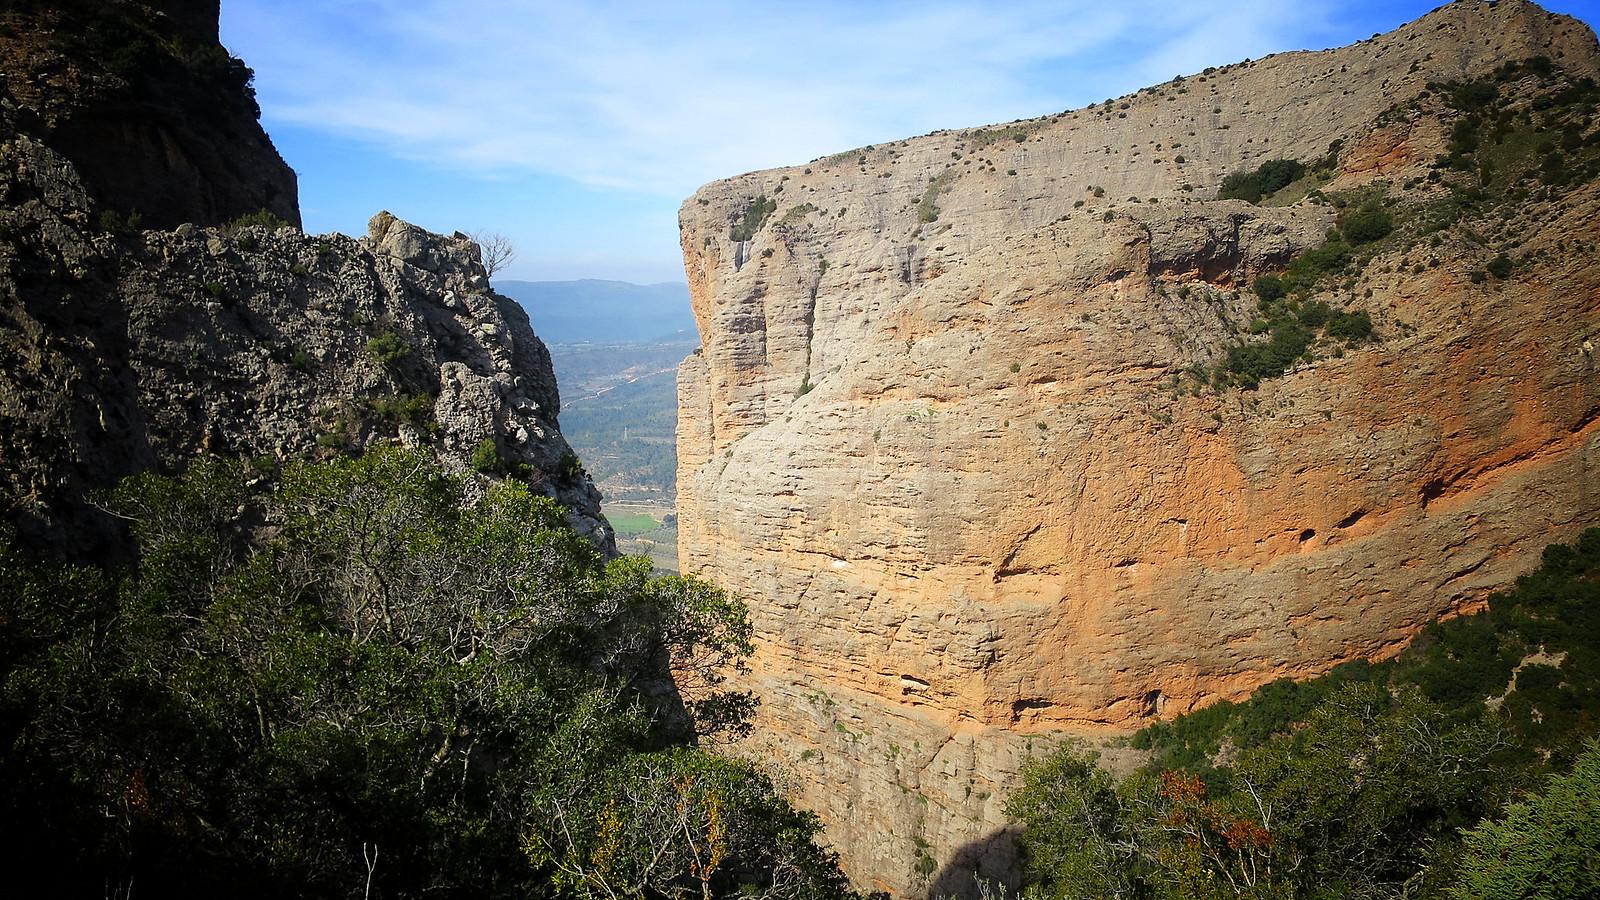 Mallos de Riglos: Camino del Solano de Riglos y Mirador, torre y ermita de Marcuello (Reino de los Mallos)